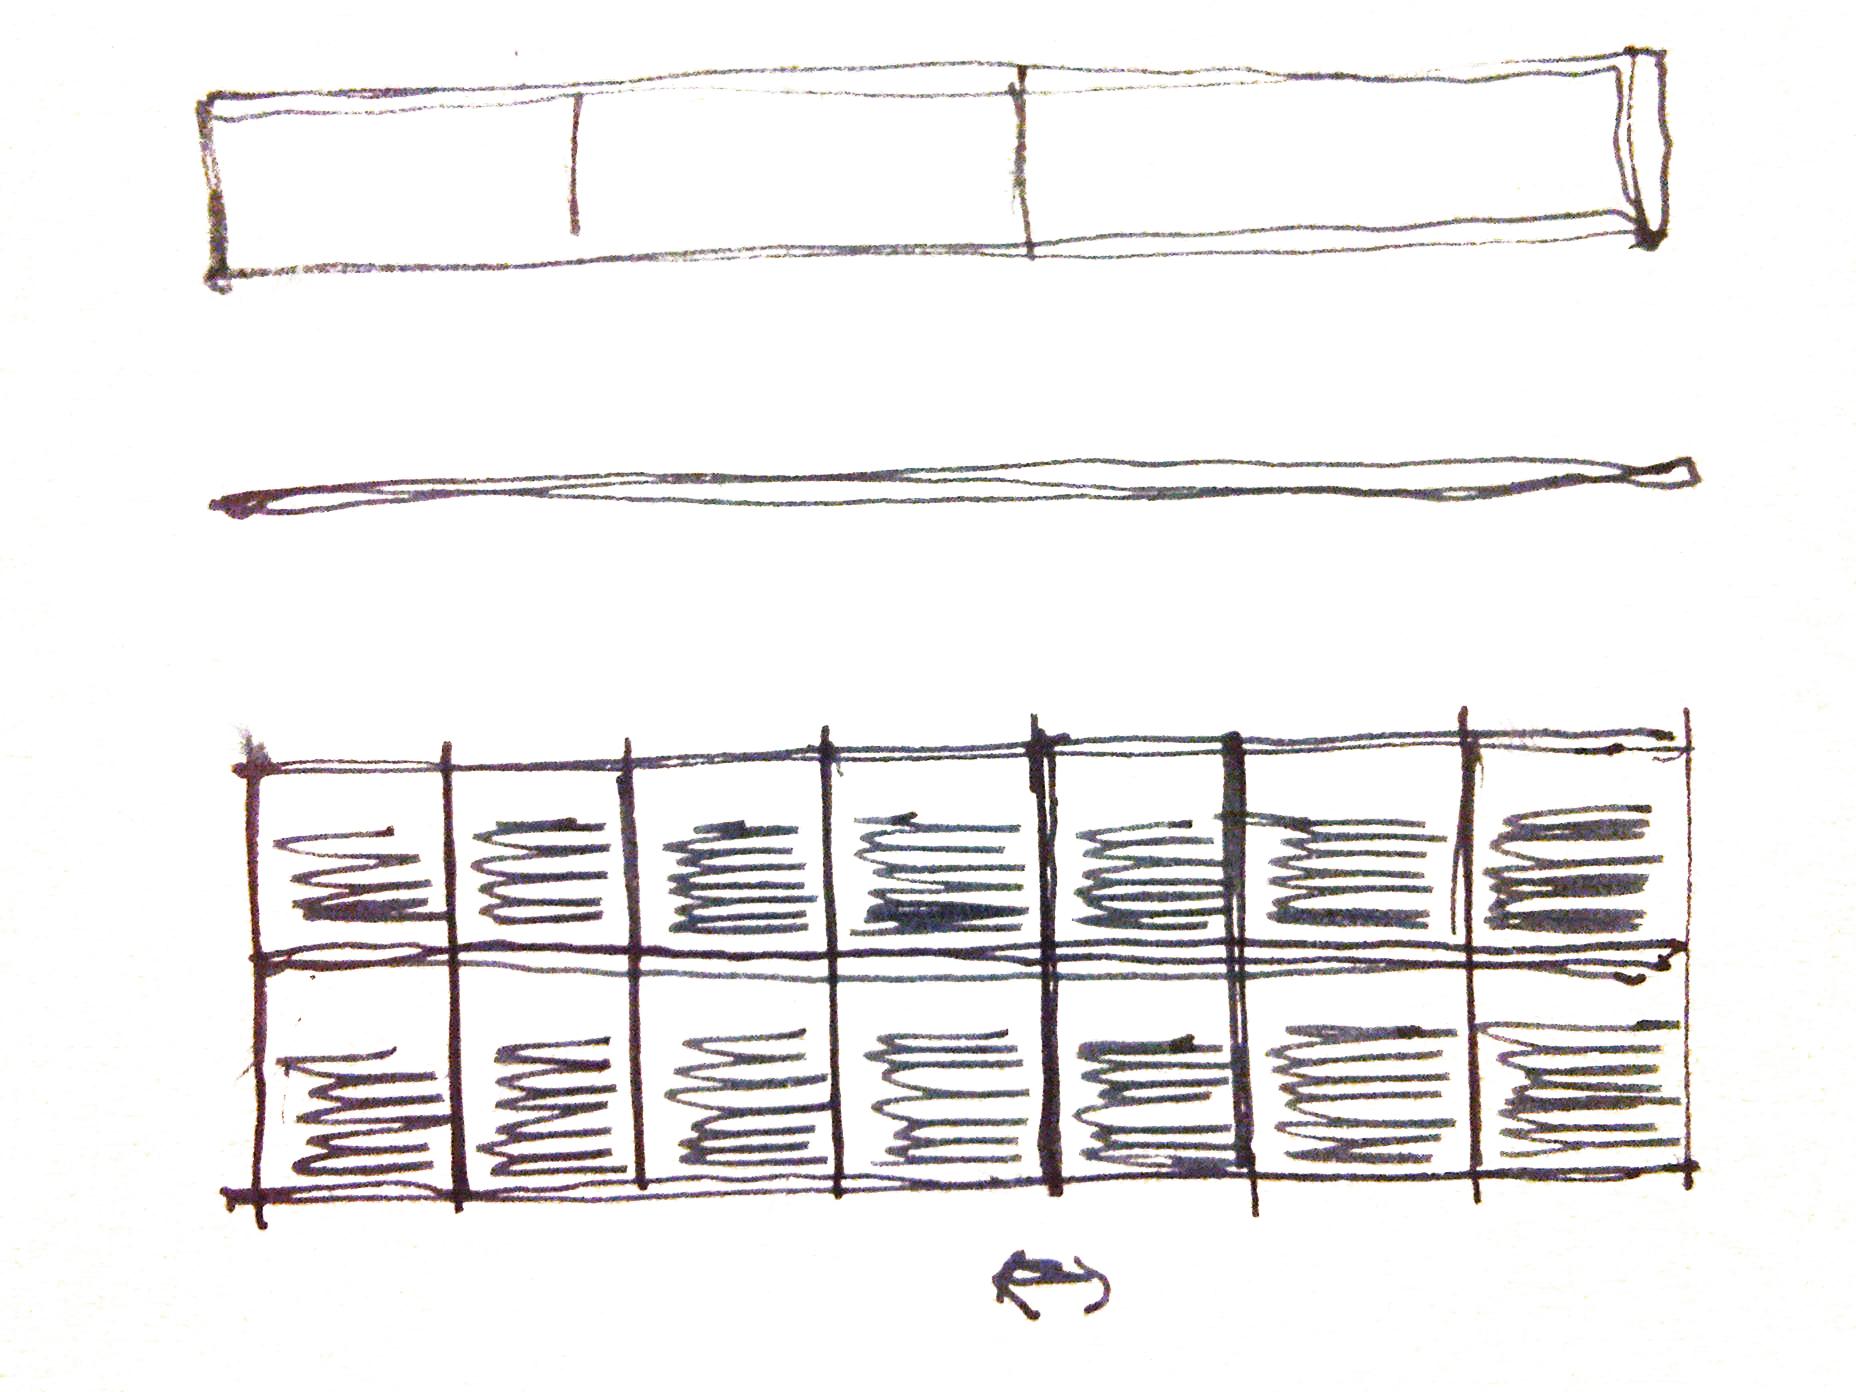 Aprdelesp for Dibujar muebles